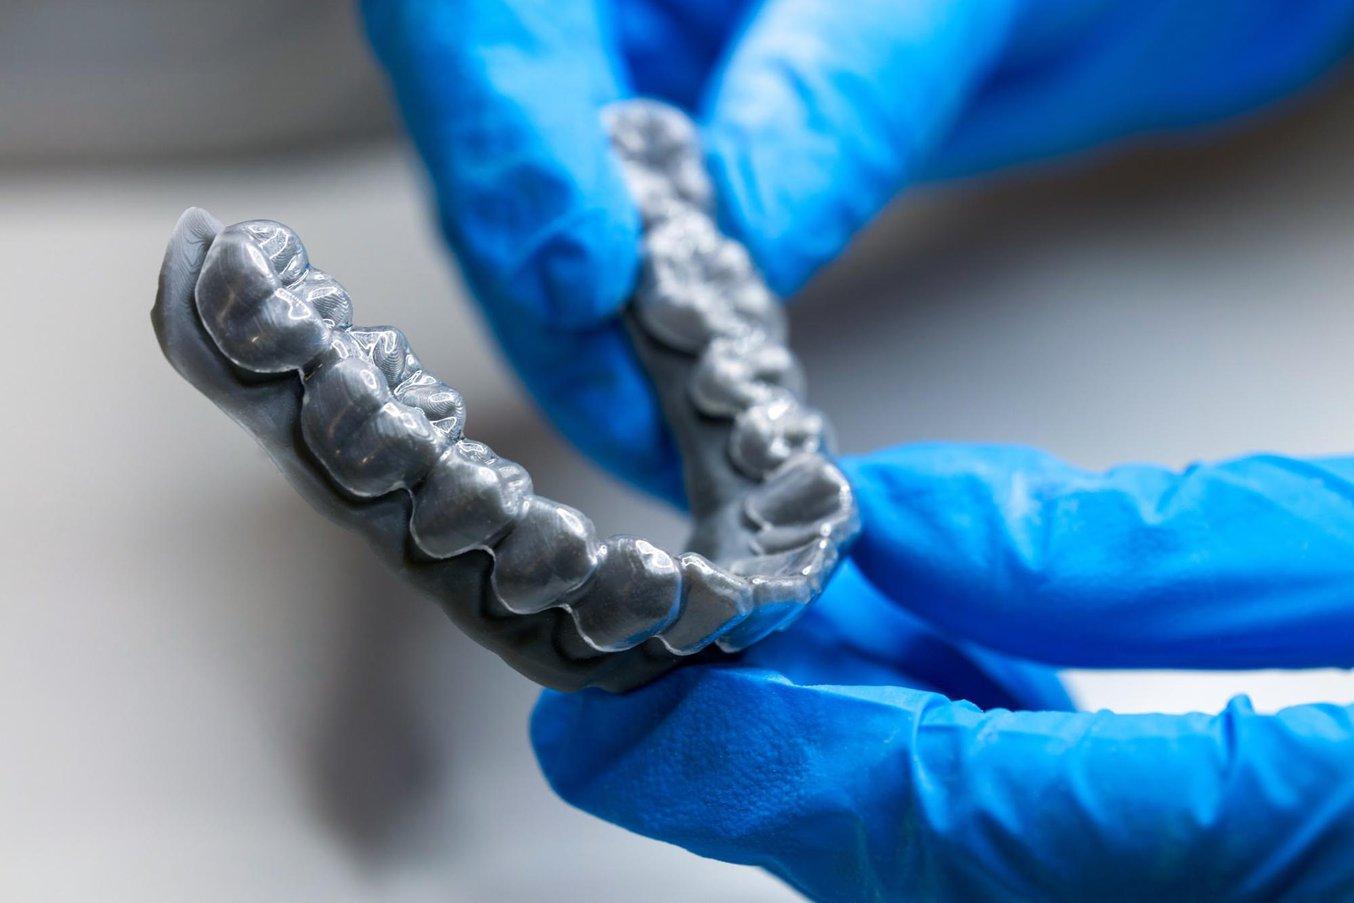 Allineatore trasparente 3D termoformato su un modello stampato in 3D con una stampante dentale Form 3B di Formlabs.